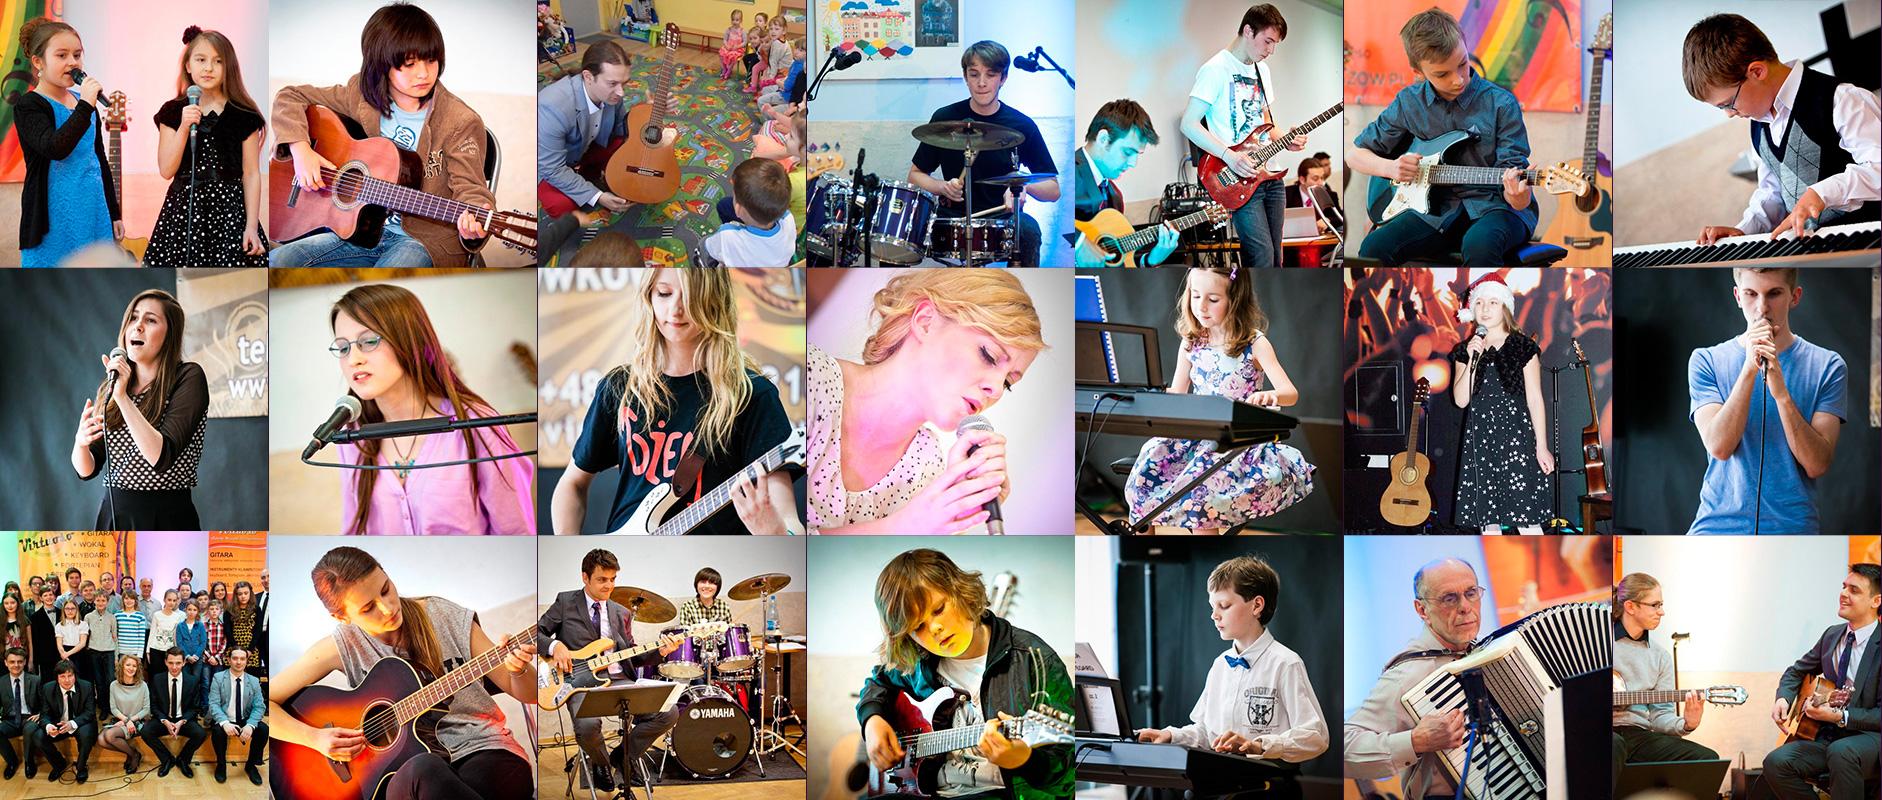 Uczniowie szkoły muzycznej Virtuoso w trakcie swoich lekcji.